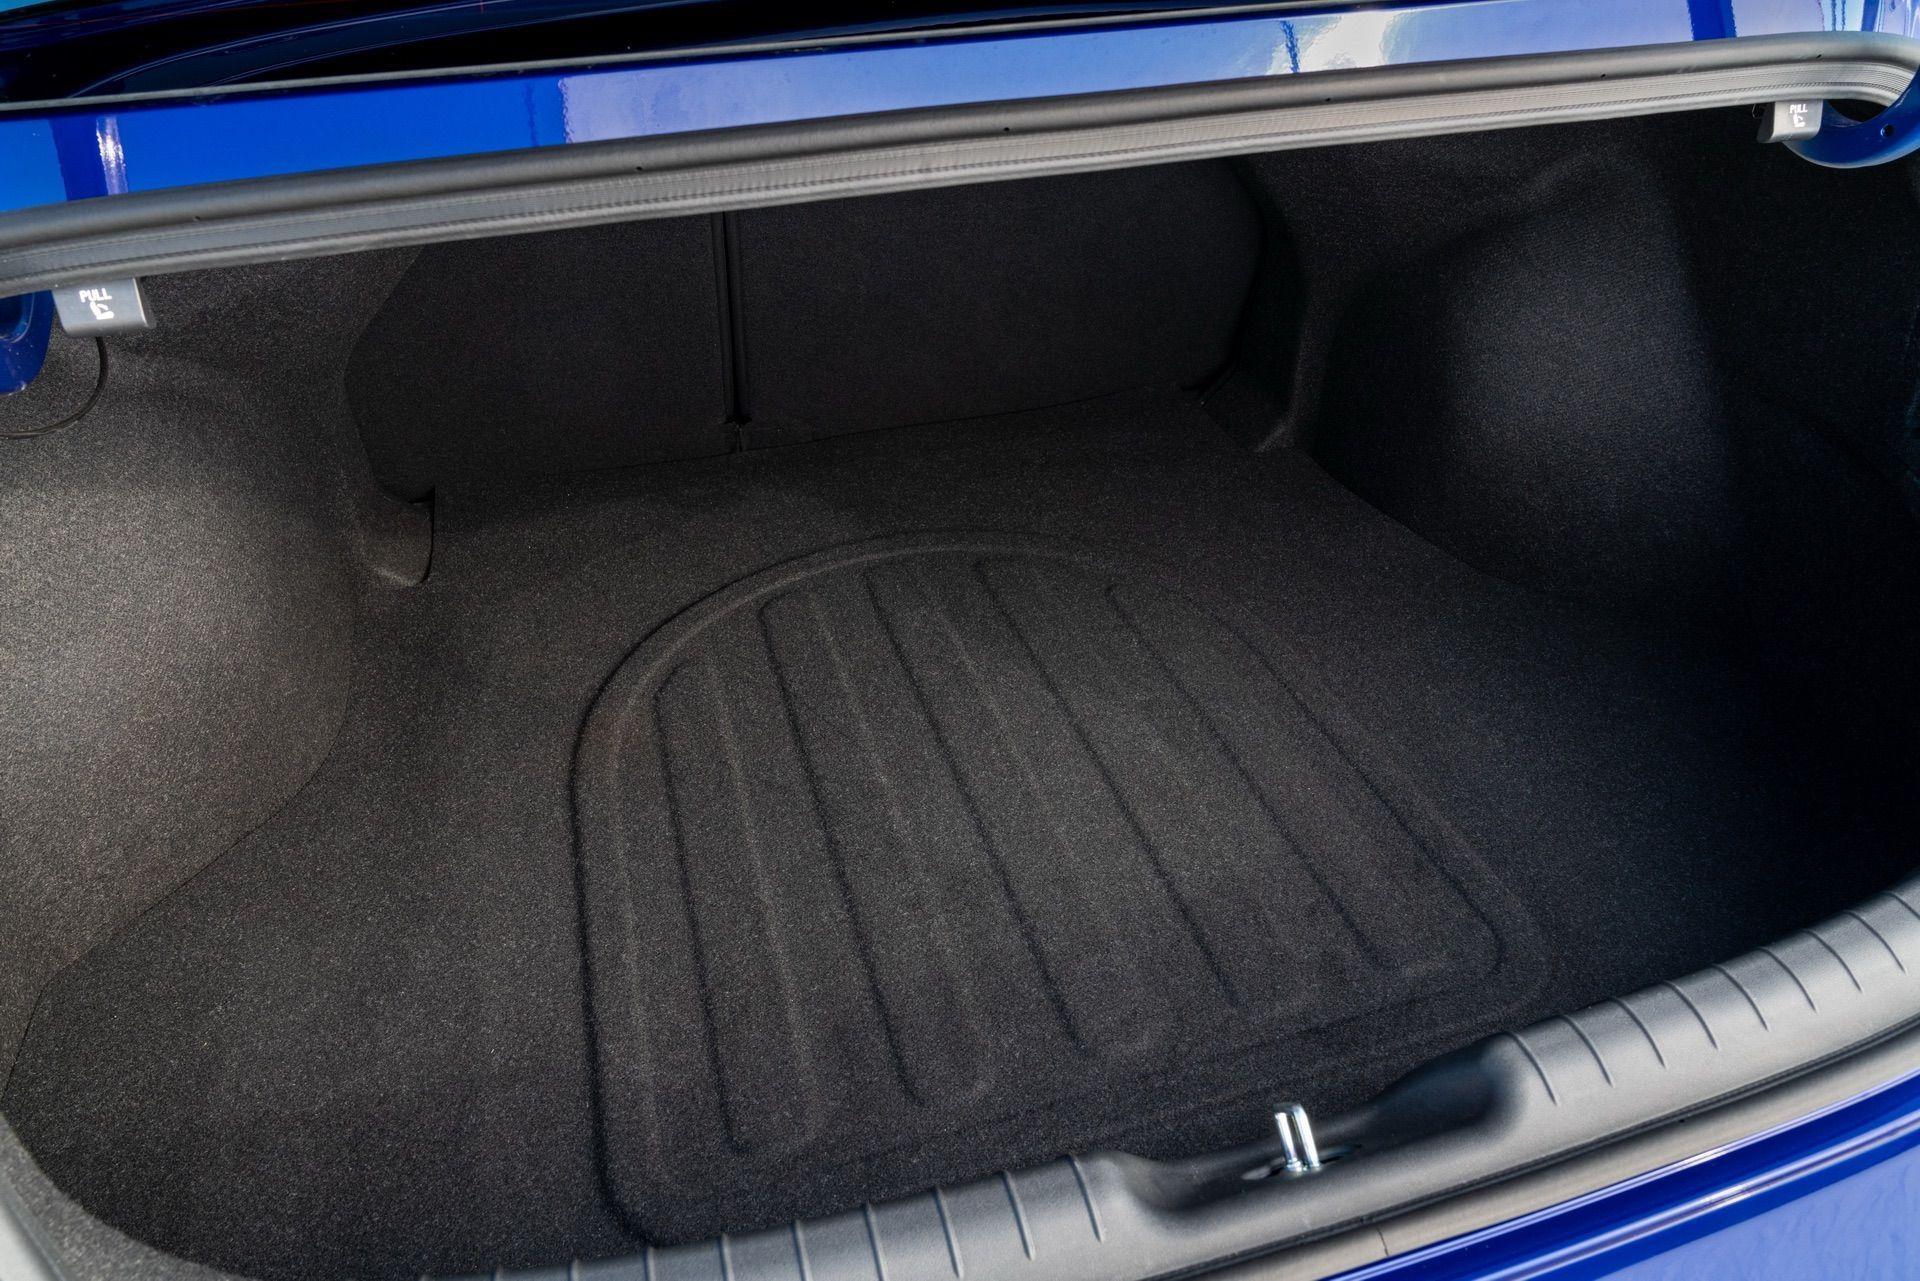 Hyundai-Elantra-N-Line-i30-Sedan-57